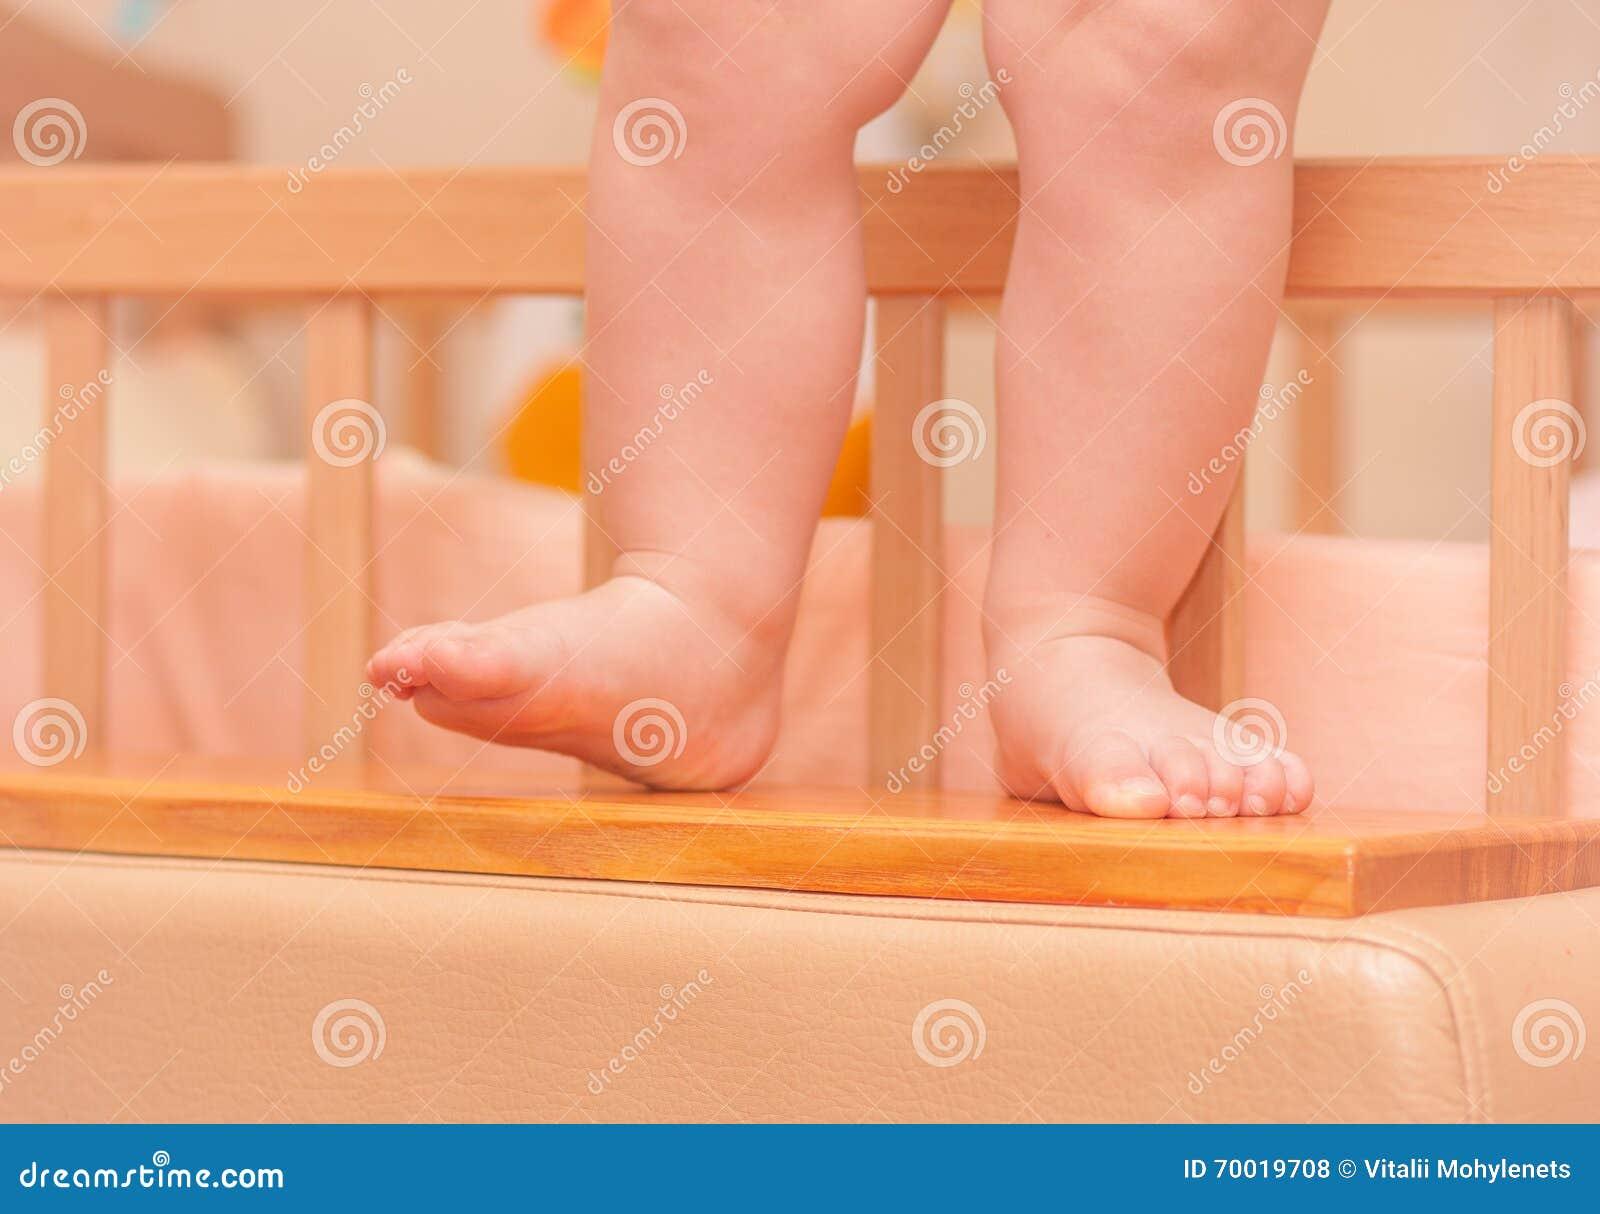 Małe Dziecko Nogi Blisko łóżka Polowego Zdjęcie Stock